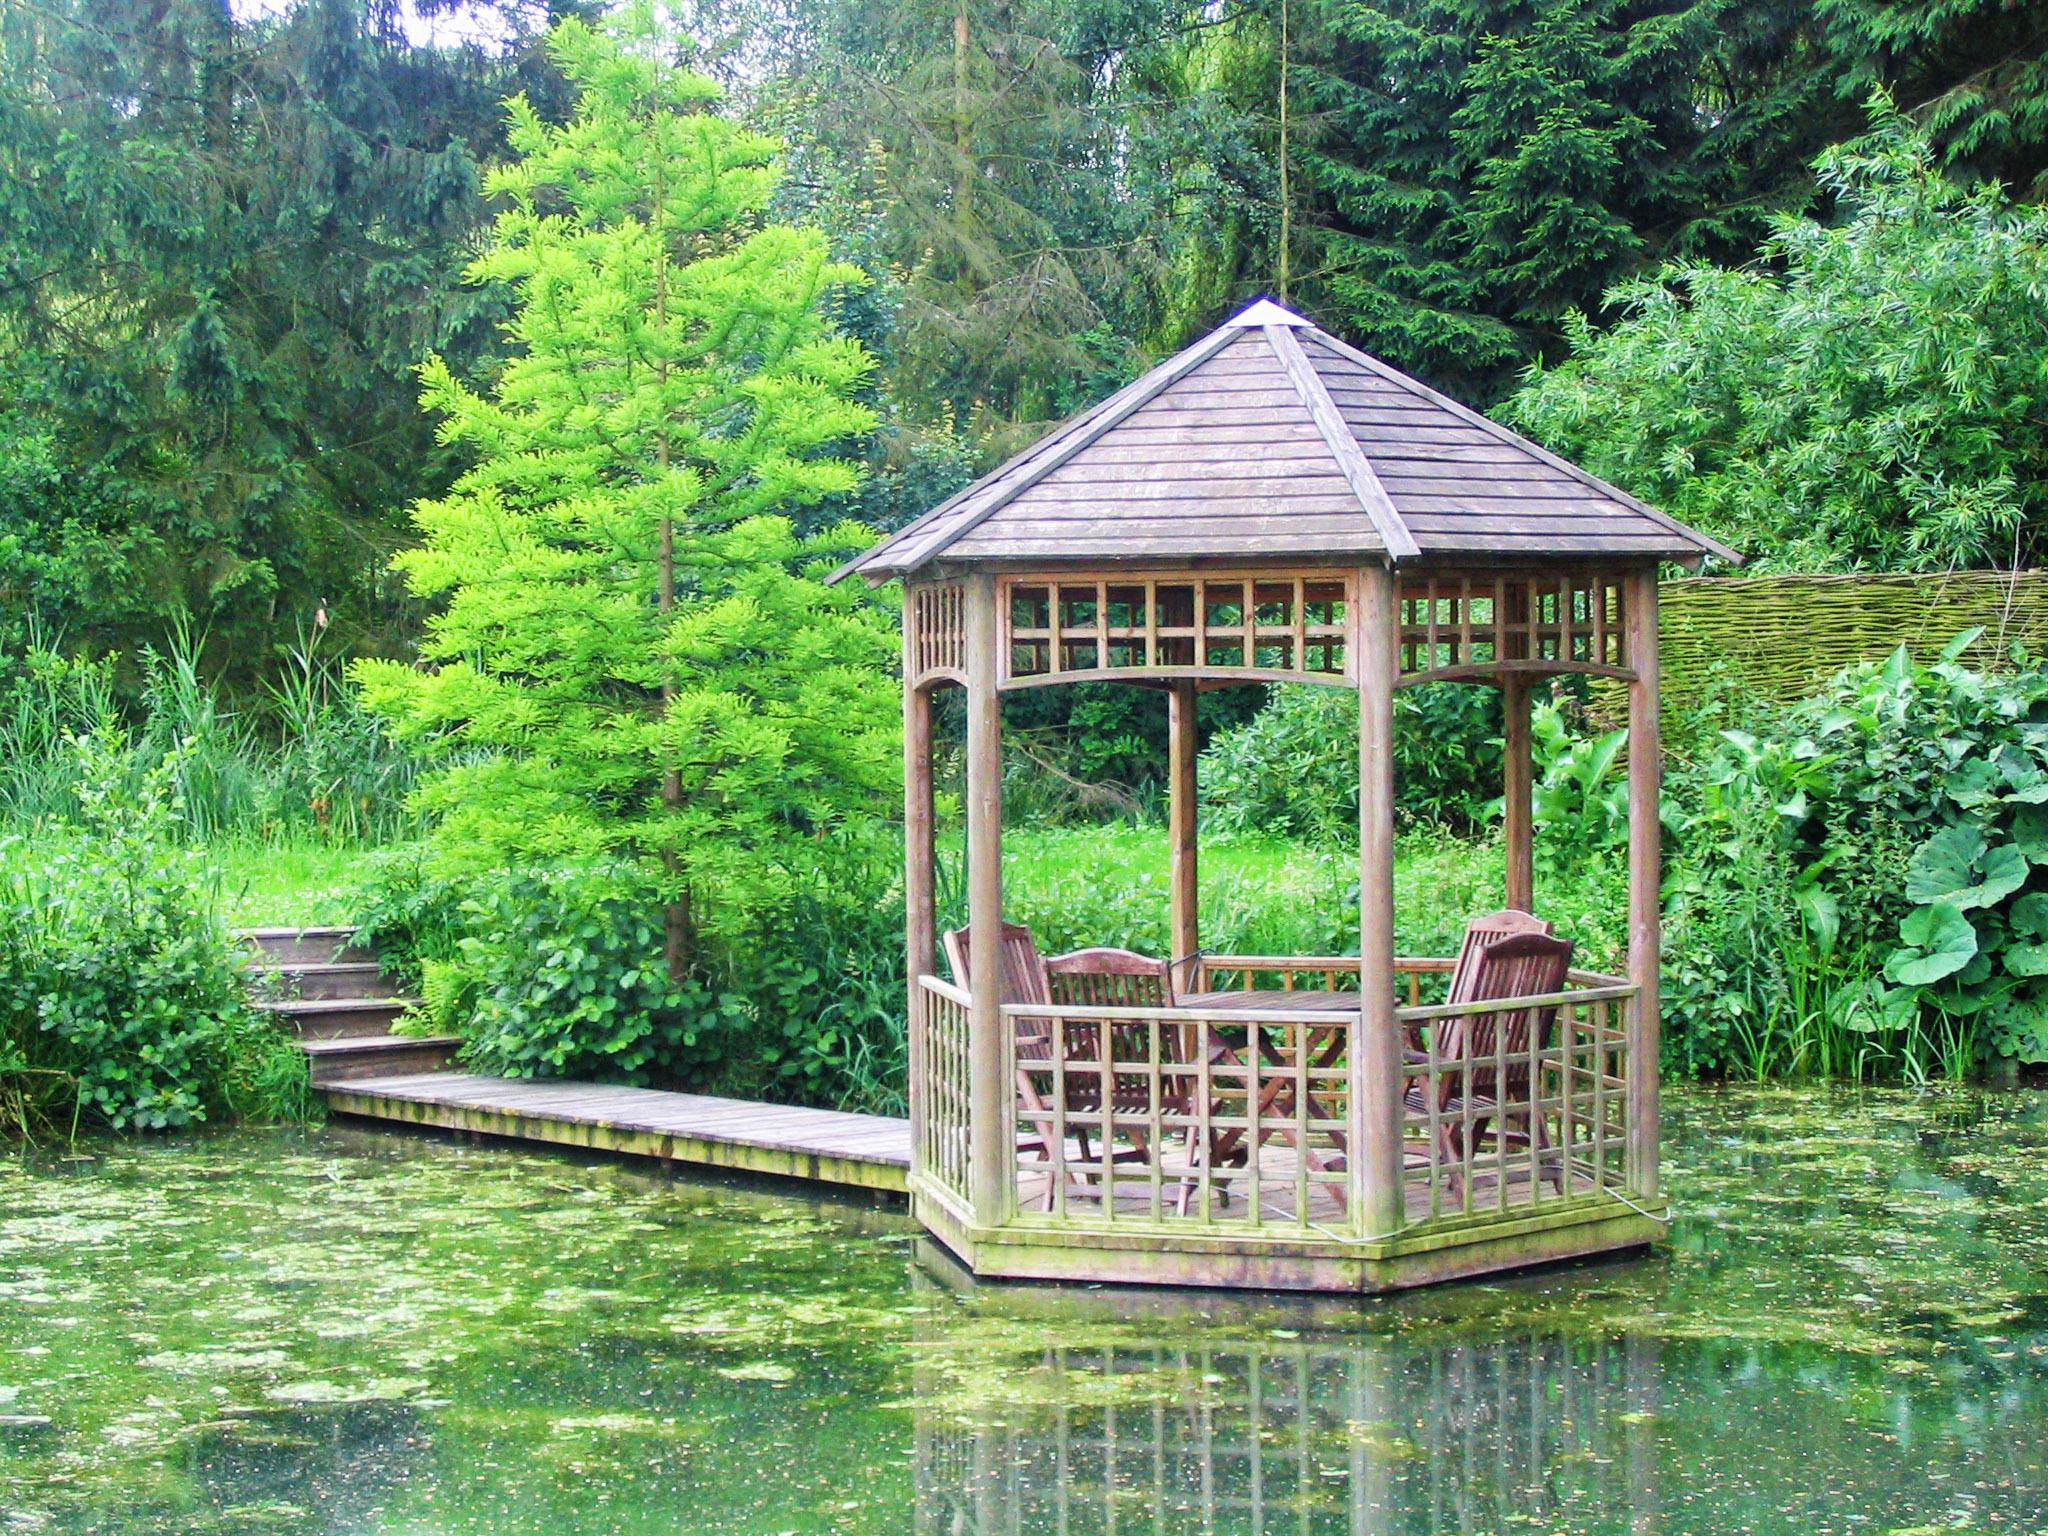 Aquatic design concept et garden jardins aquatiques bassins fontaines tang mat riel - Construction etang de jardin ...